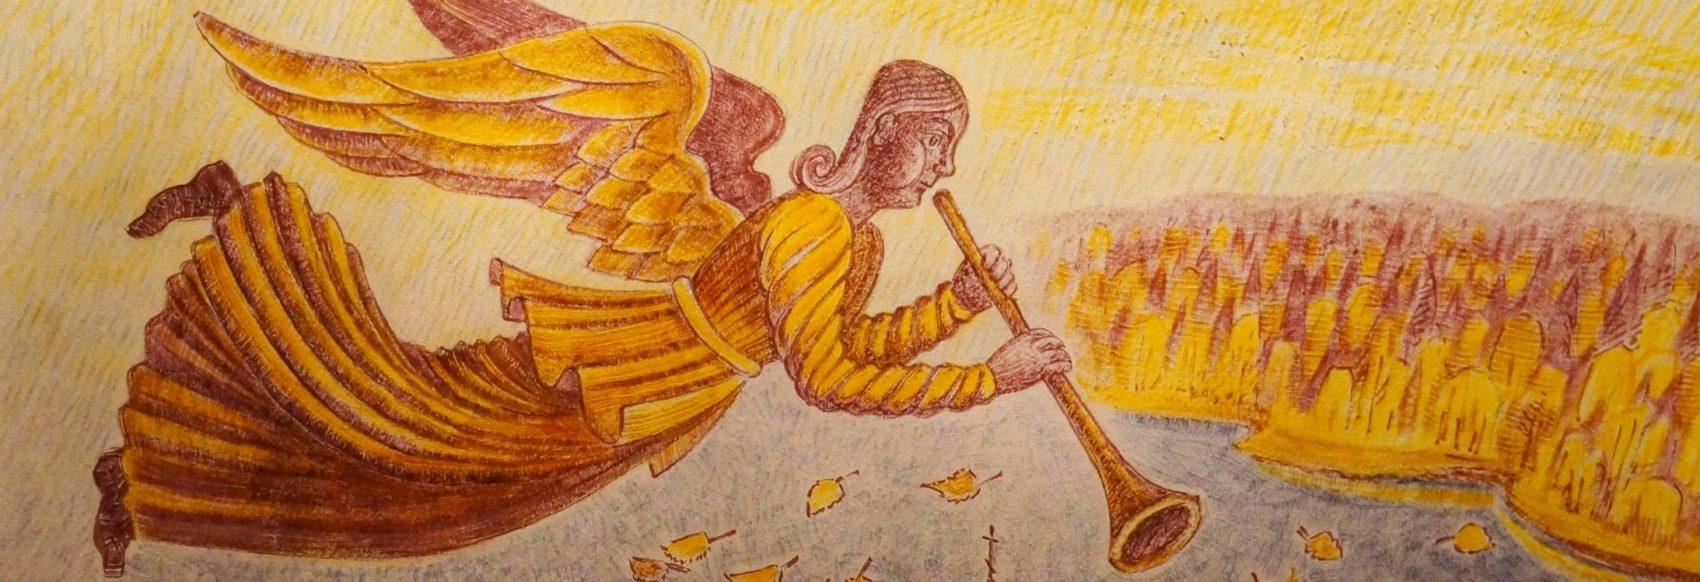 ангел, григорьева, успенская церковь, кондопога